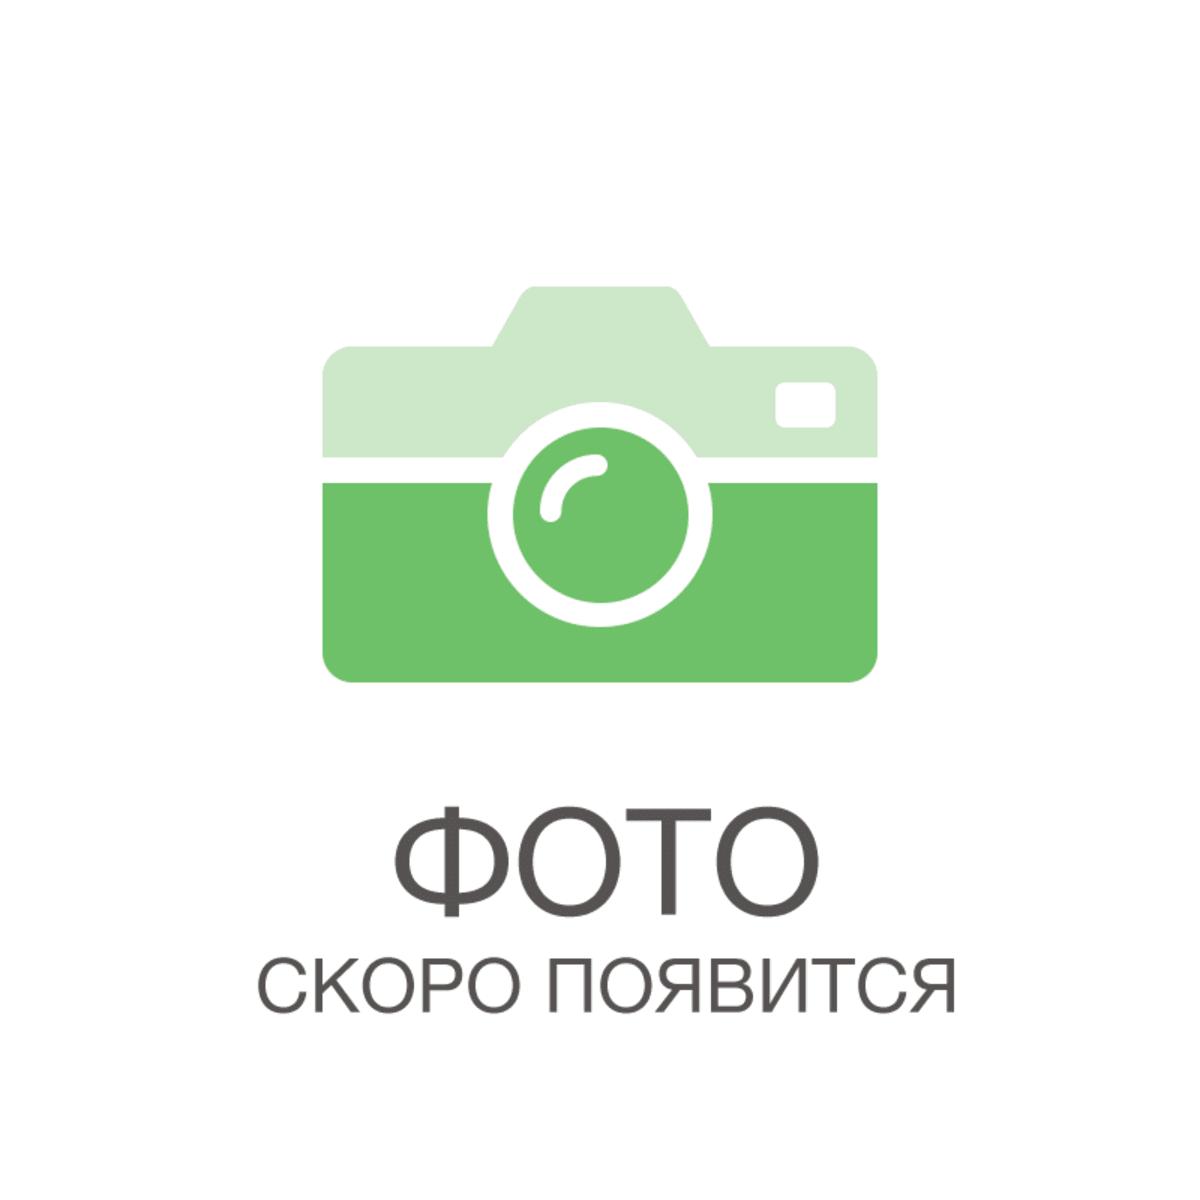 Дверь для выдвижного ящика Delinia ID «Реш» 40x12.8 см, МДФ, цвет синий